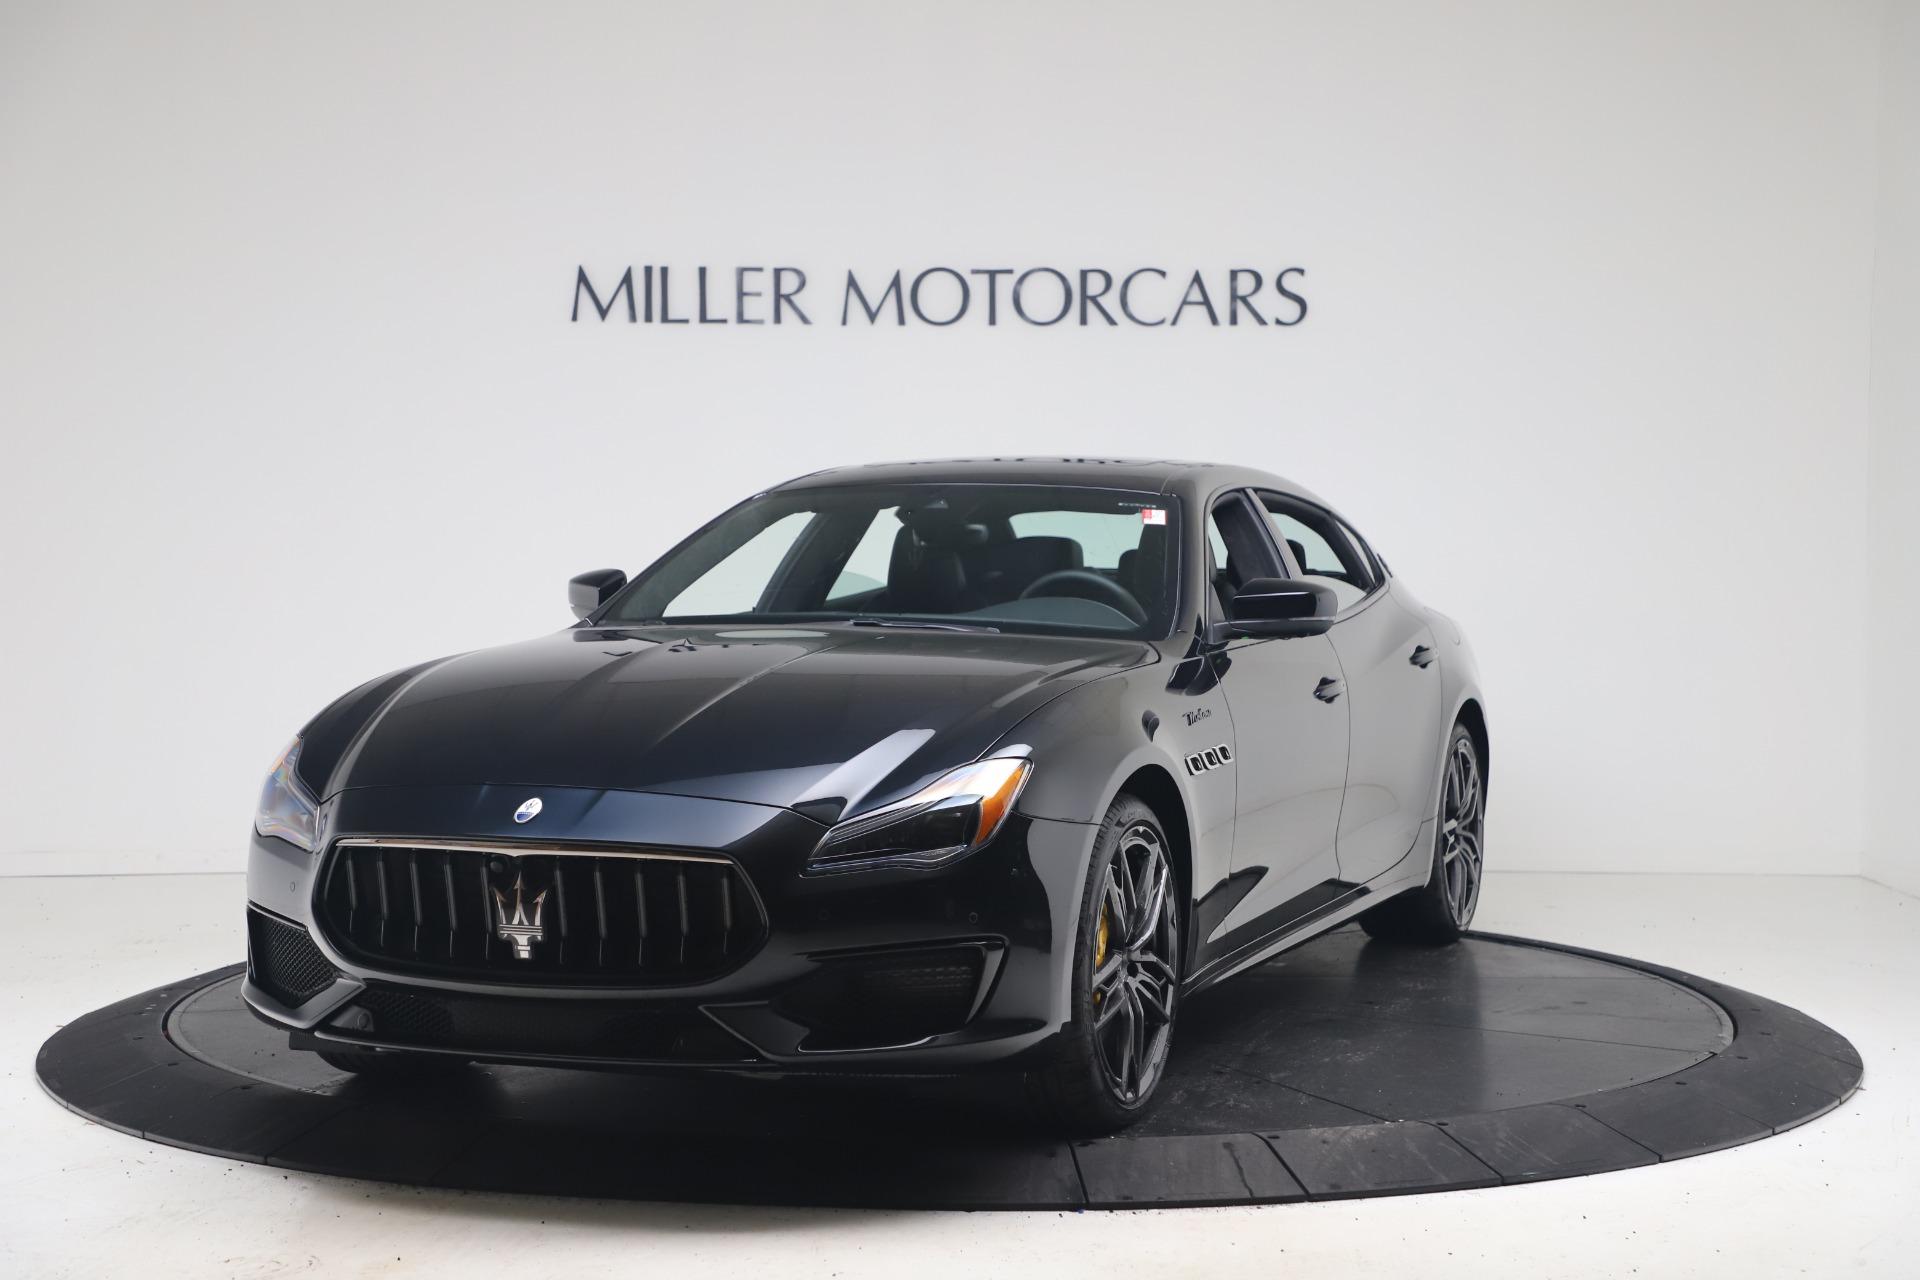 New 2022 Maserati Quattroporte Modena Q4 for sale $131,195 at Bugatti of Greenwich in Greenwich CT 06830 1